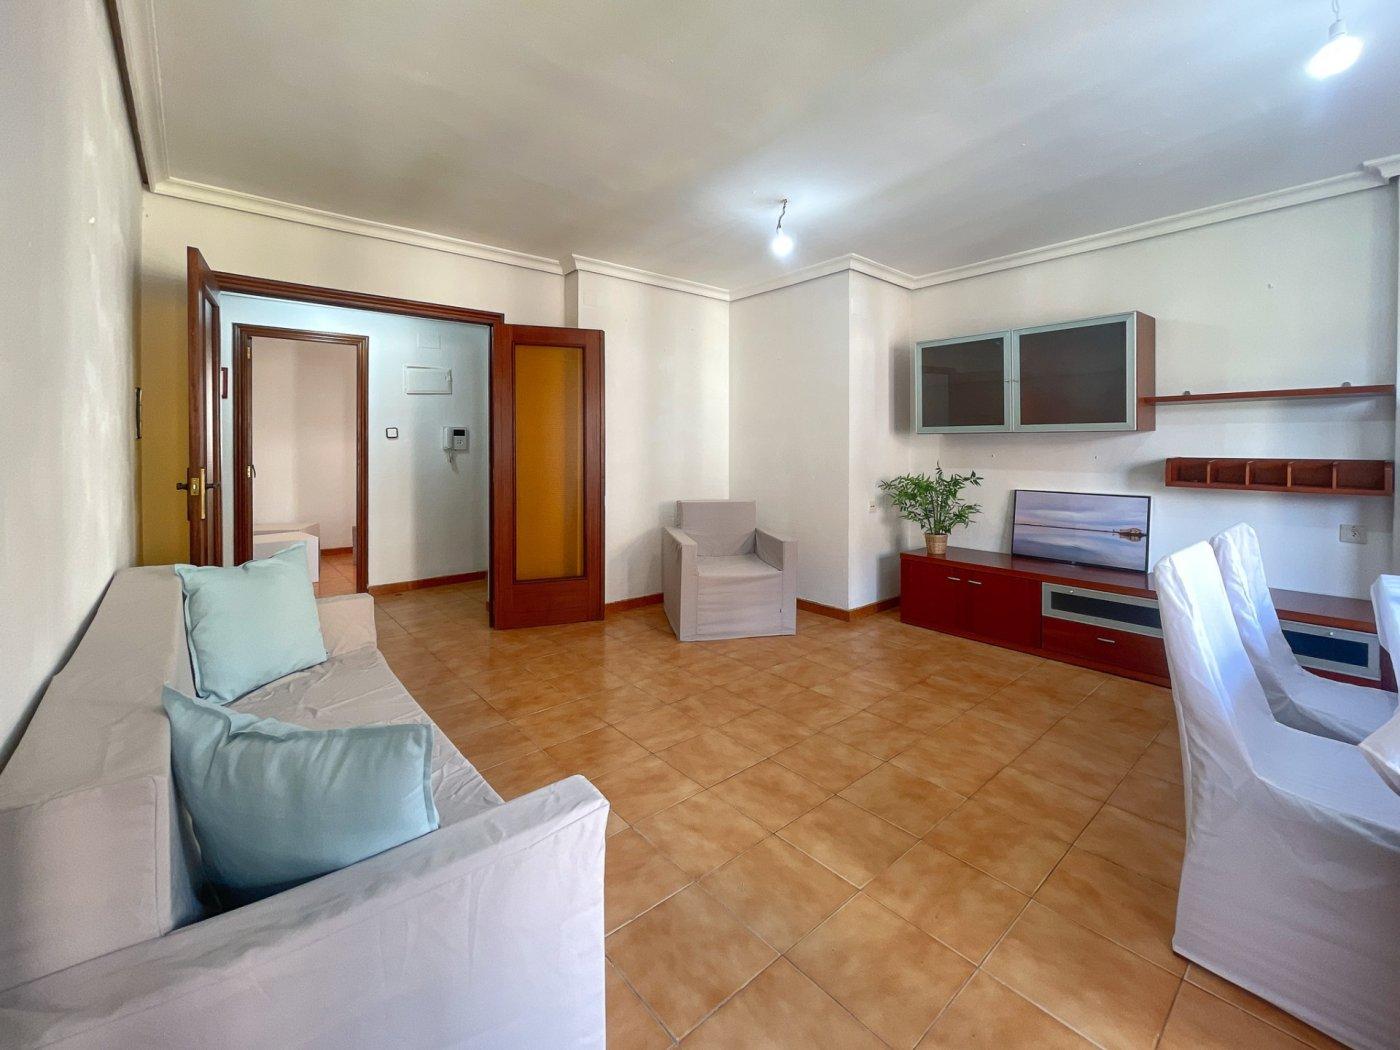 Estupendo piso muy soleado en plena avenida de la hispanidad de alcoy!! - imagenInmueble6